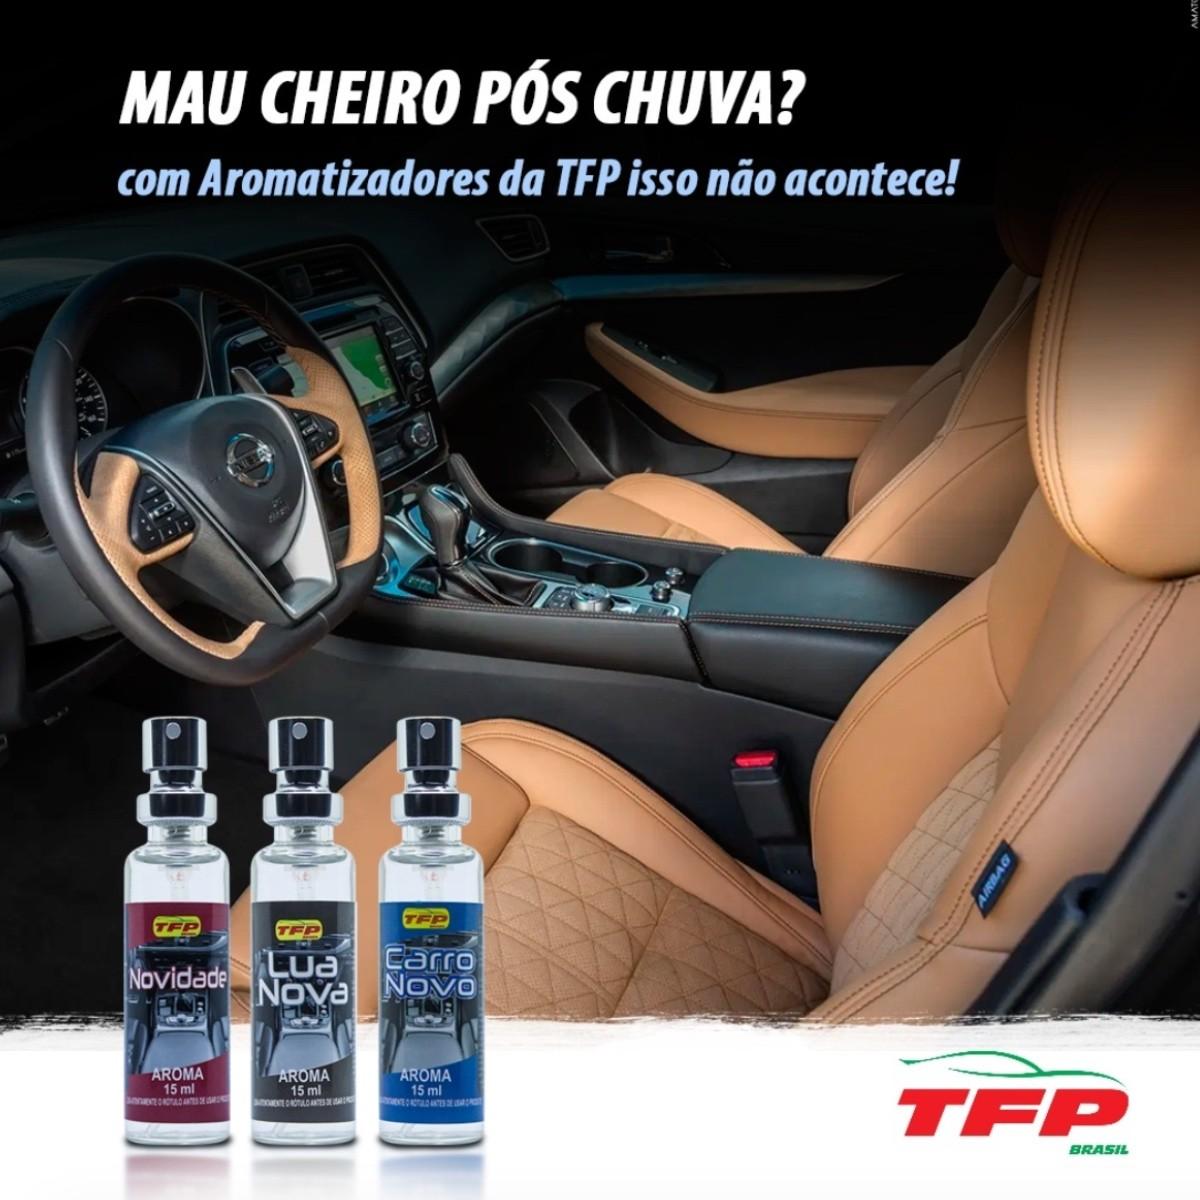 Cheirinho Carro Novo TFP 15ml (Promoção por tempo limitado)